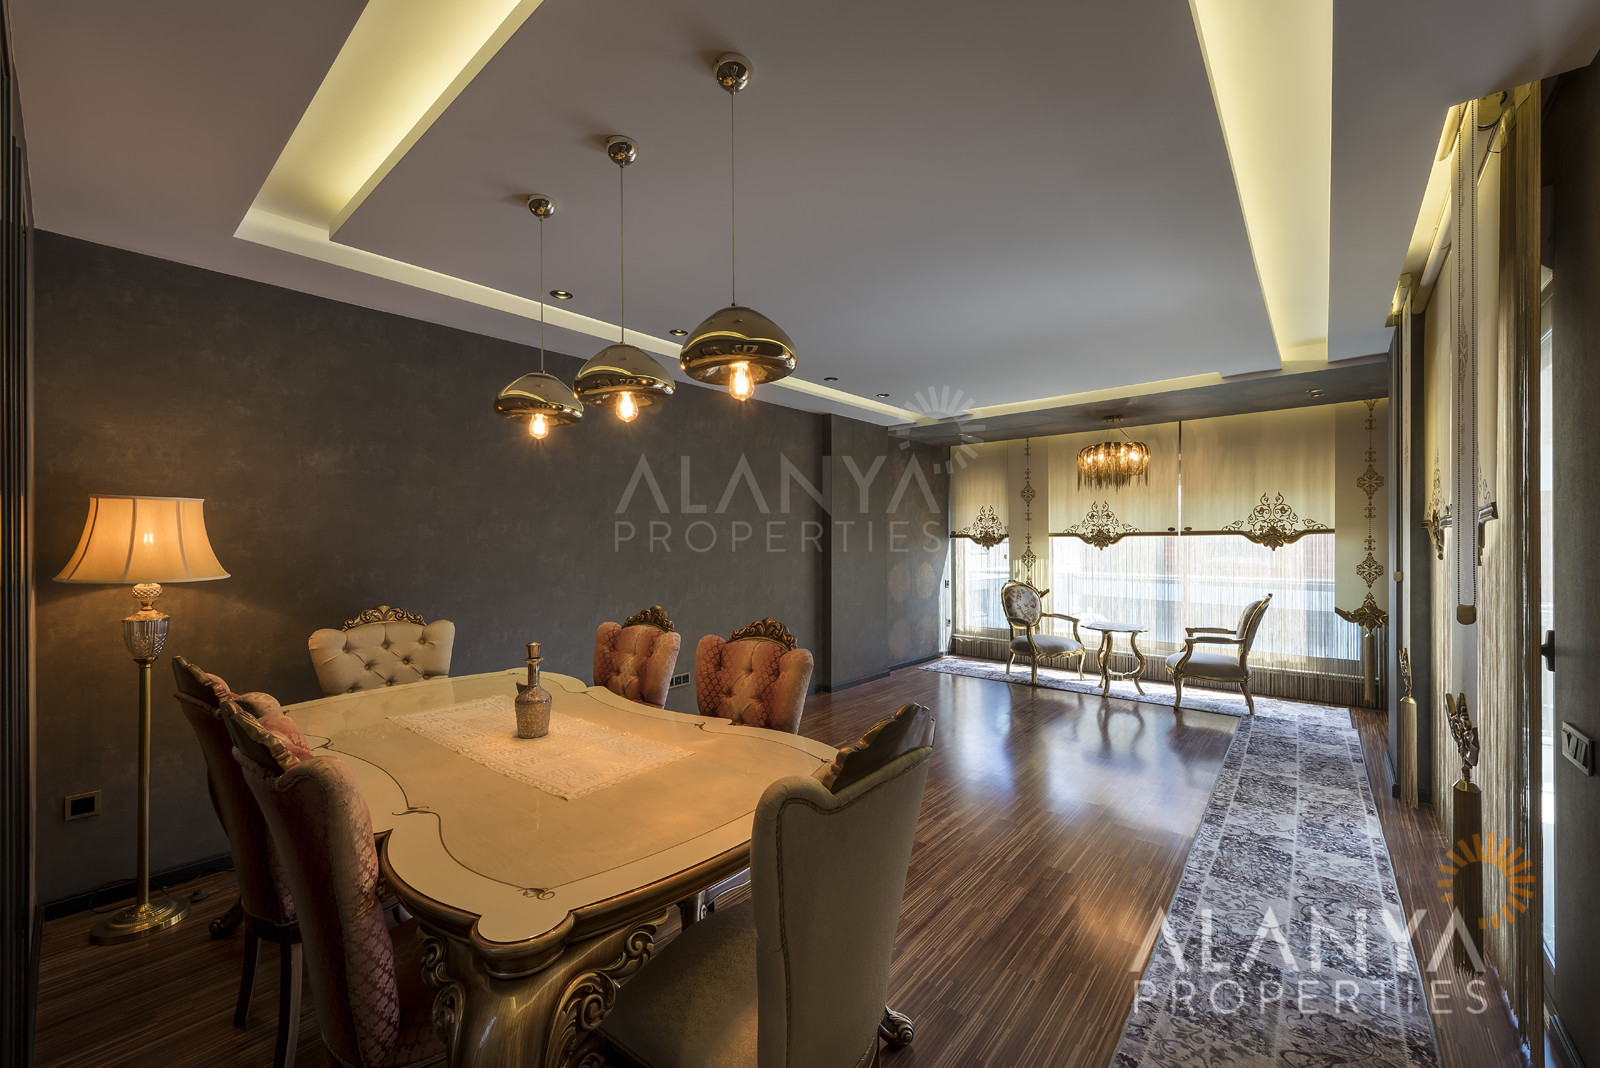 Appartementen uitgerust met domotica te koop in Alanya, adembenemend uitzicht